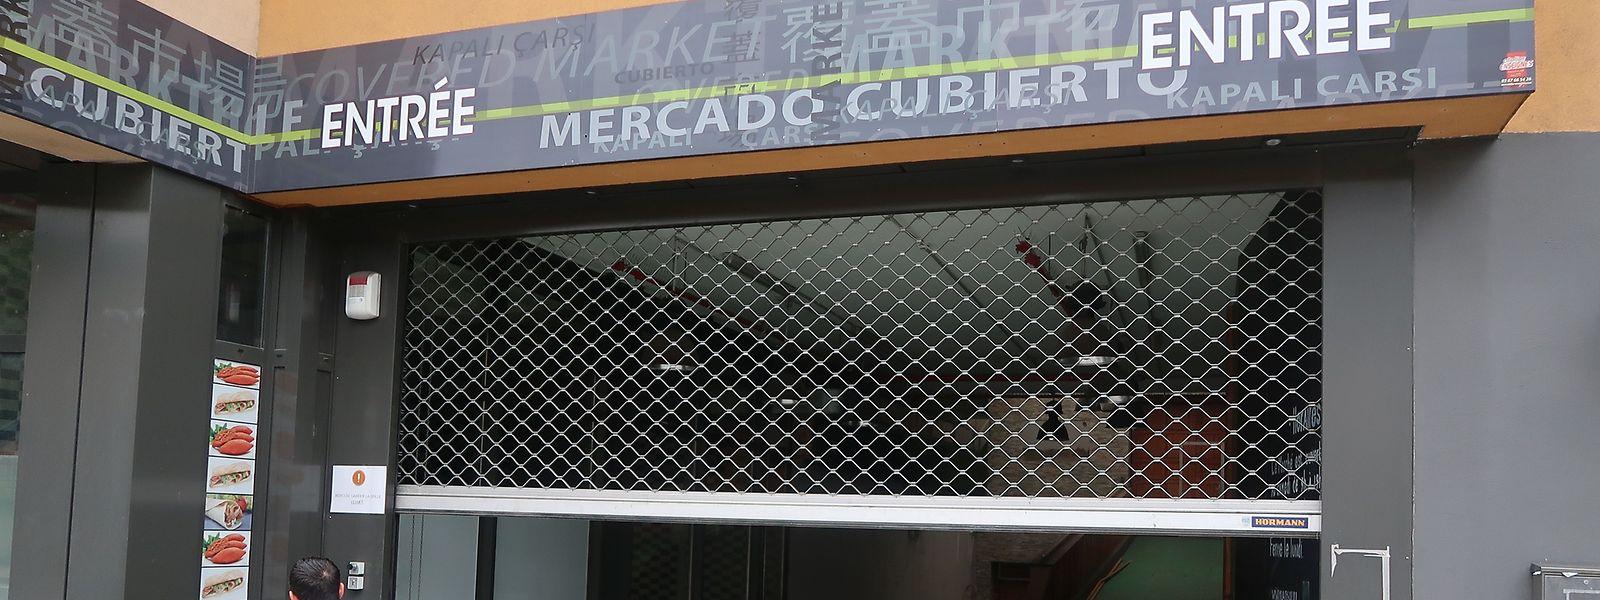 Das Gitter vor der Muarthal soll sich demnächst wieder vollends heben, für Supermarkt-Kunden.